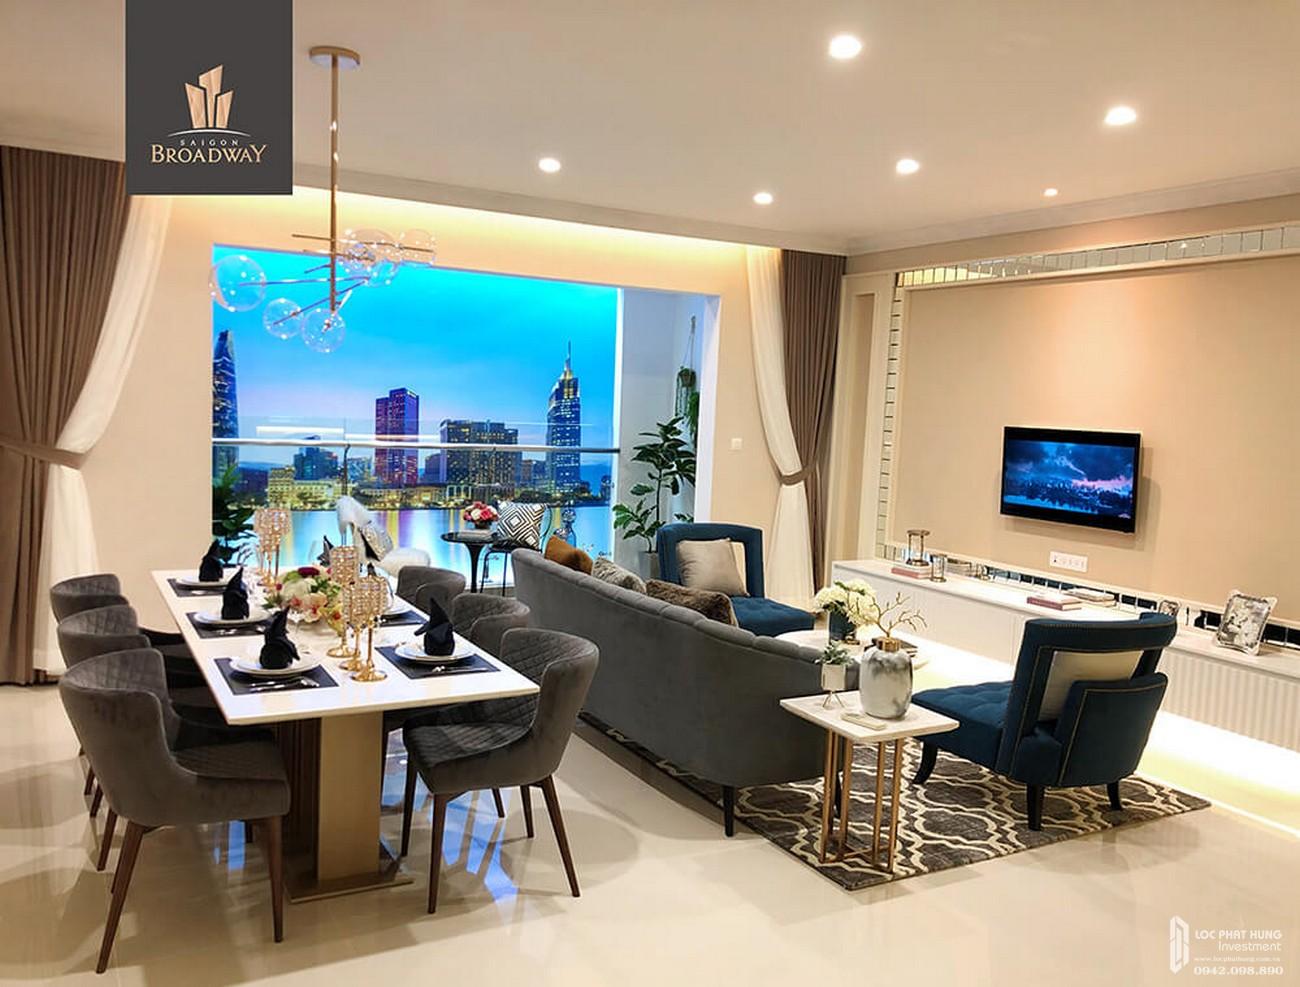 Nhà mẫu dự án căn hộ chung cư Sài Gòn Broadway Quận 2 Đường  Mai Chí Thọ chủ đầu tư Novaland